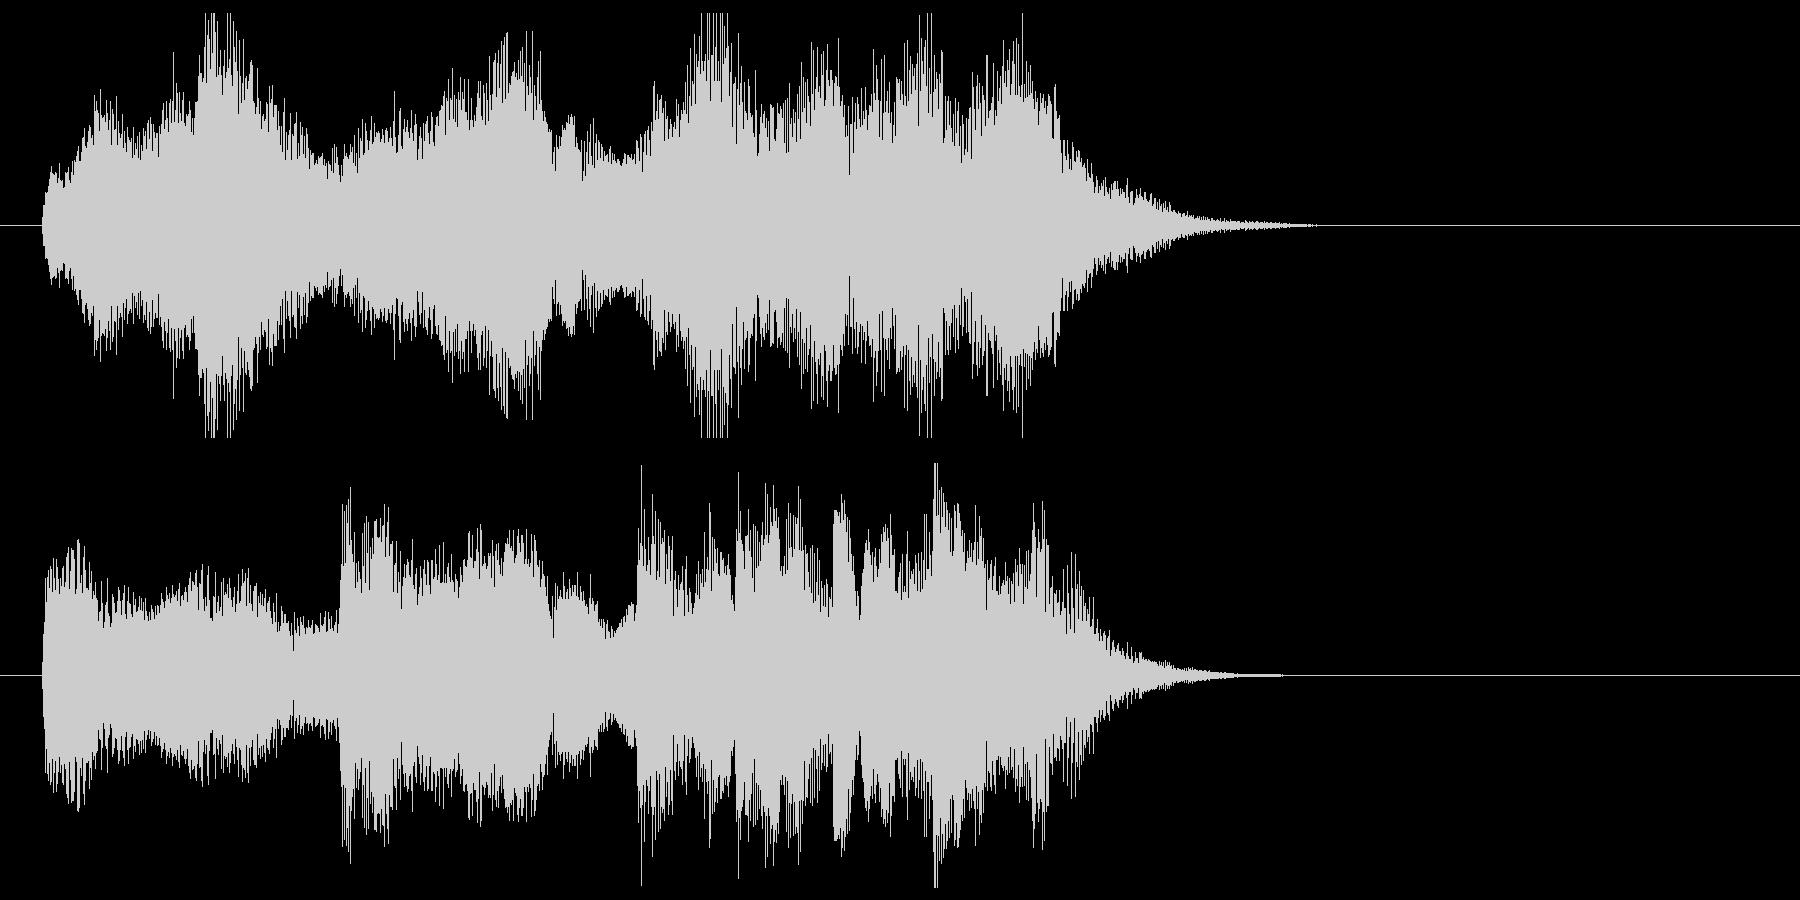 ストリングスワルツのジングルの未再生の波形